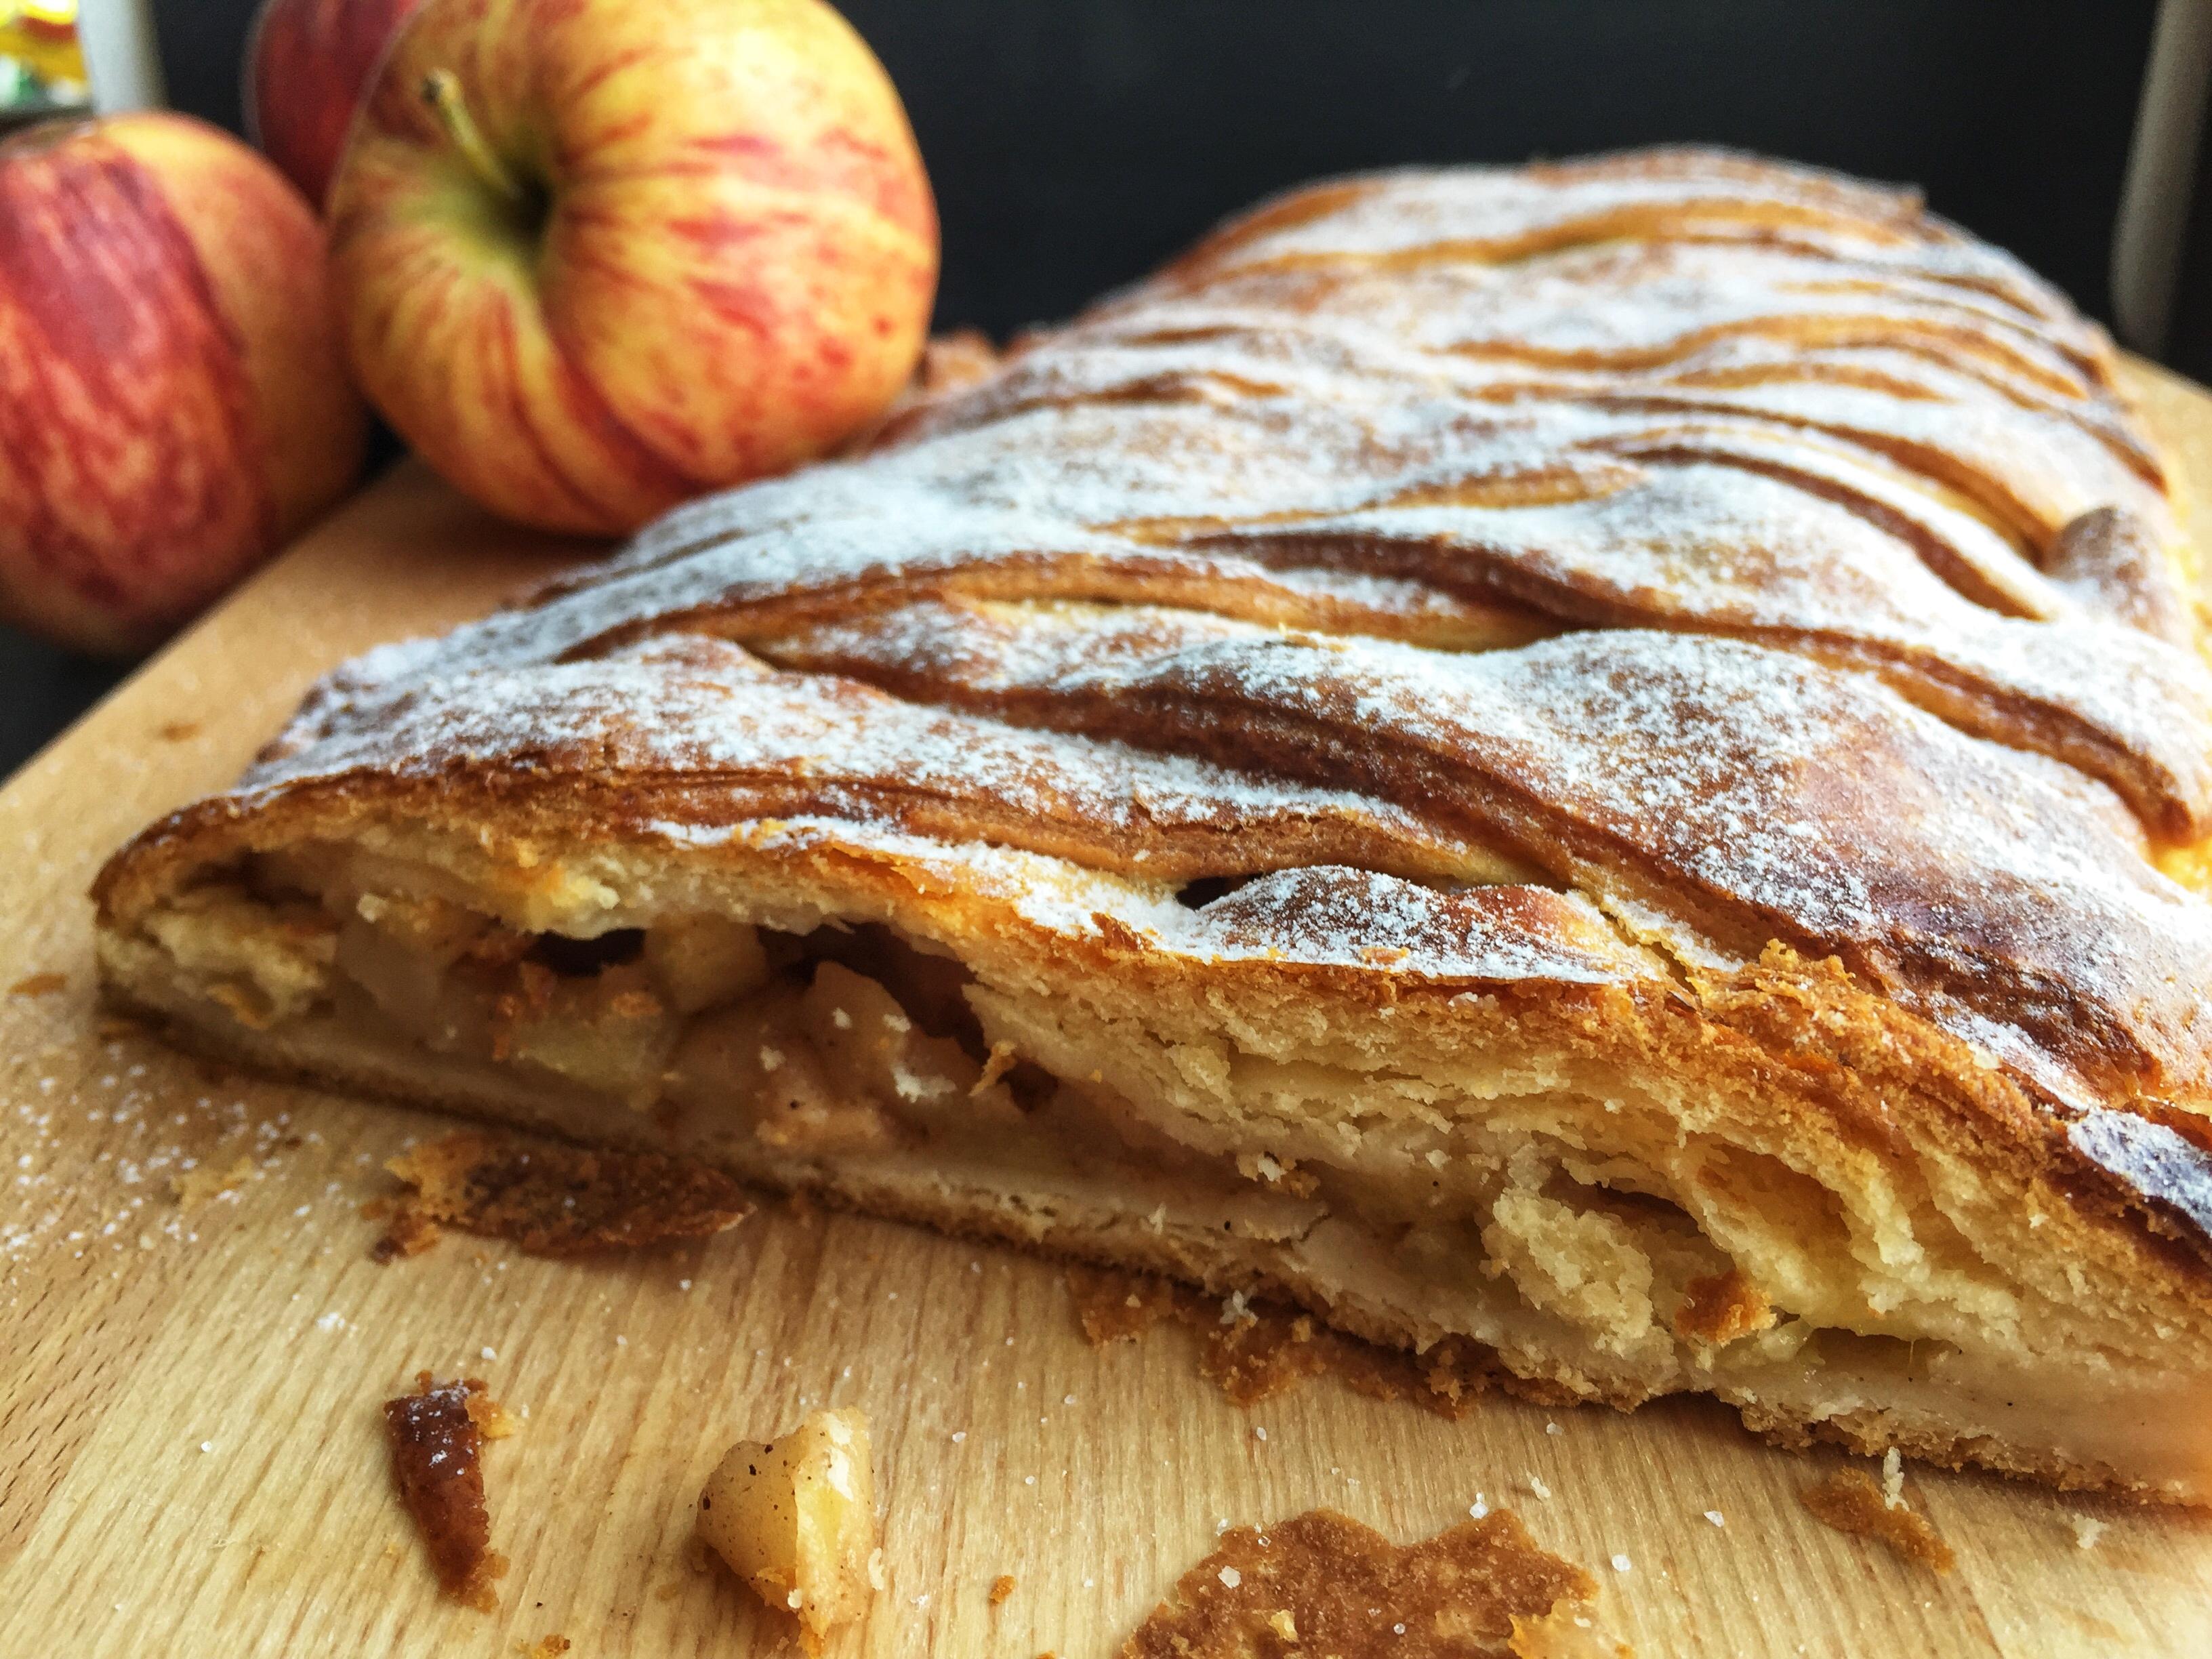 Jabolčni zavitek iz domačega listnatega testa brez glutena